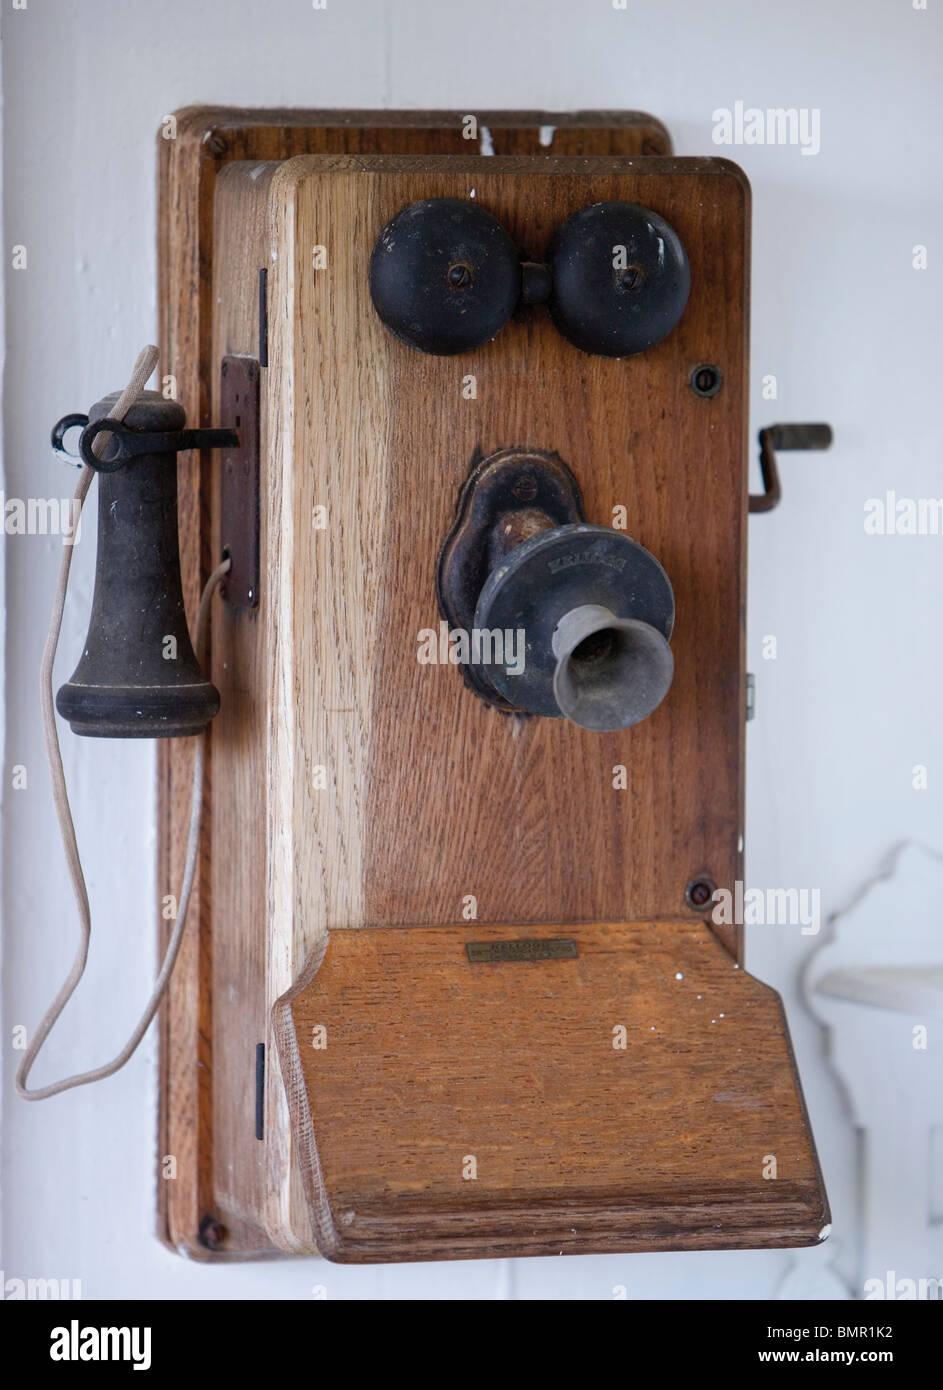 Hypermoderne Alten Kurbel Telefon auf der Ranch in Hawaii Stockfoto, Bild NE-08